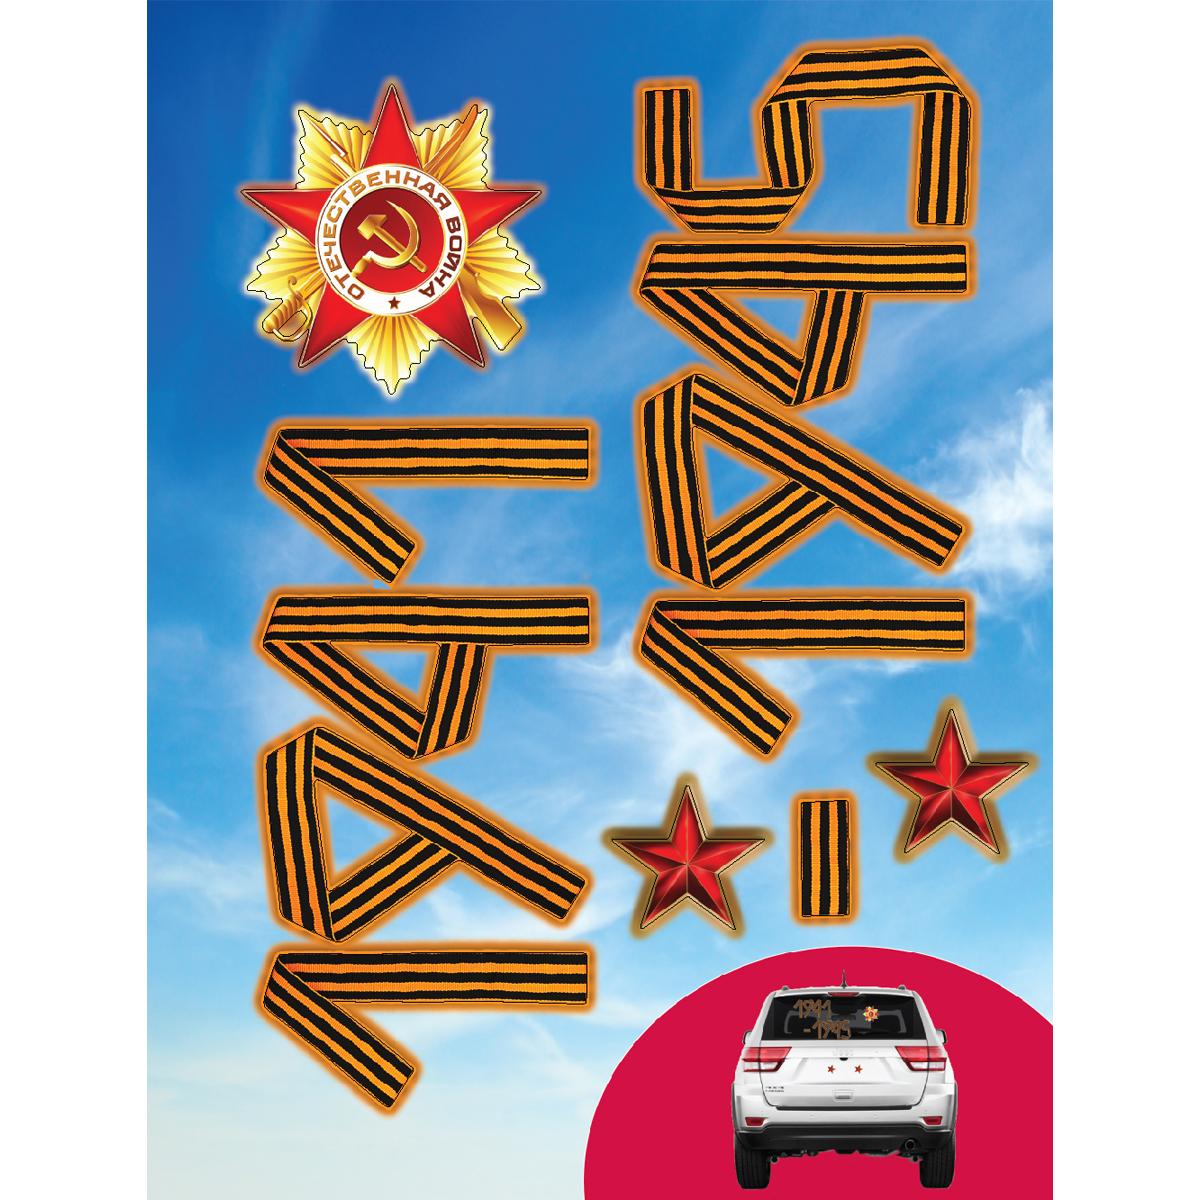 Наклейка автомобильная Decoretto Великая Отечественная, виниловая, 37 х 50 смВетерок 2ГФВиниловая наклейка Decoretto Великая Отечественная - это простой и практичный способ украсить свой автомобиль ко Дню Победы. Такая наклейка может быть нанесена на любую поверхность: стекло, пластик или металл. Стикер не оставляет следов.